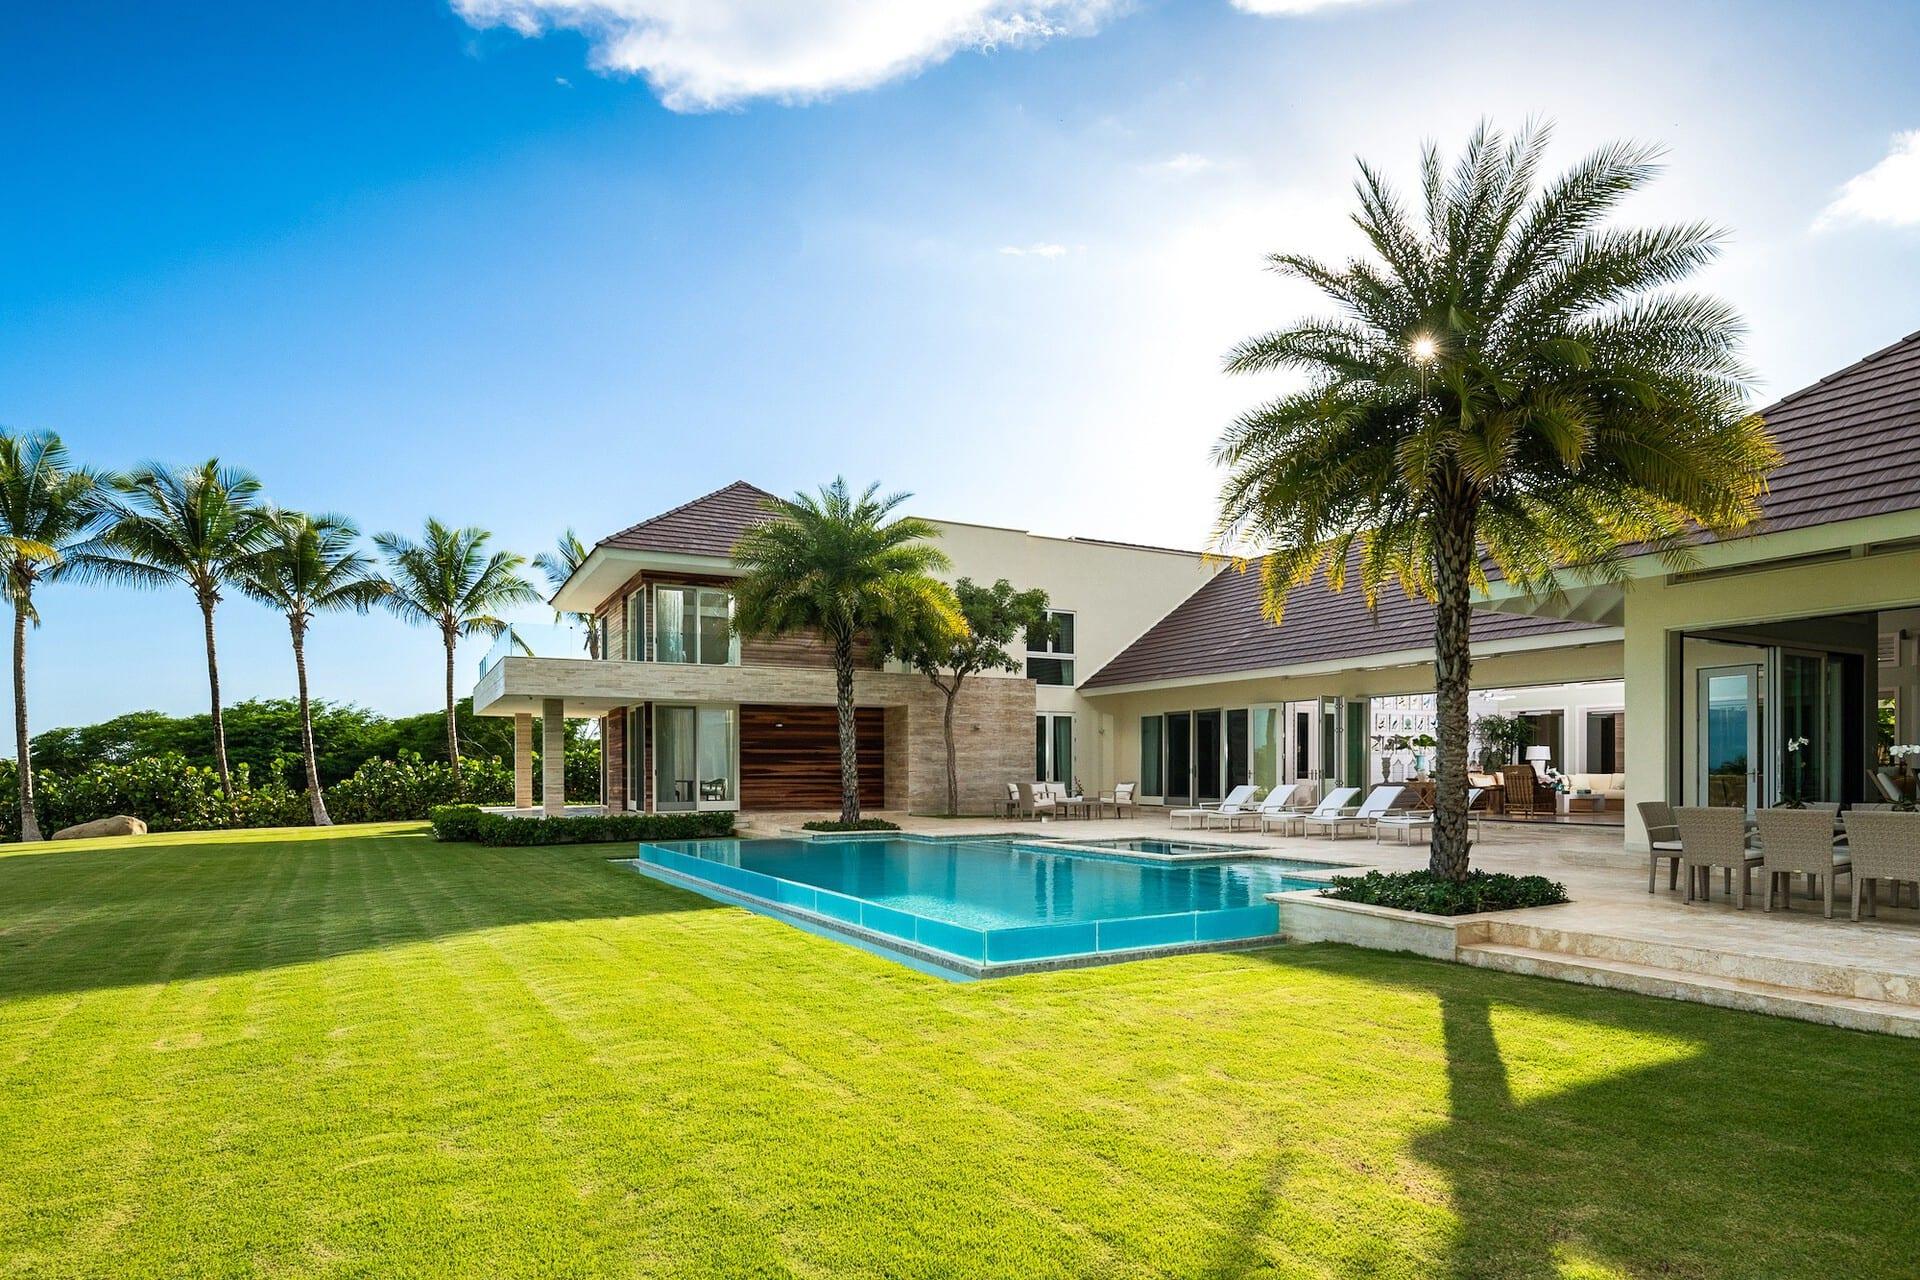 Las villas de Casa de Campo cuentan con un personal dedicado, piscina privada, elegantes áreas y detalles únicos.